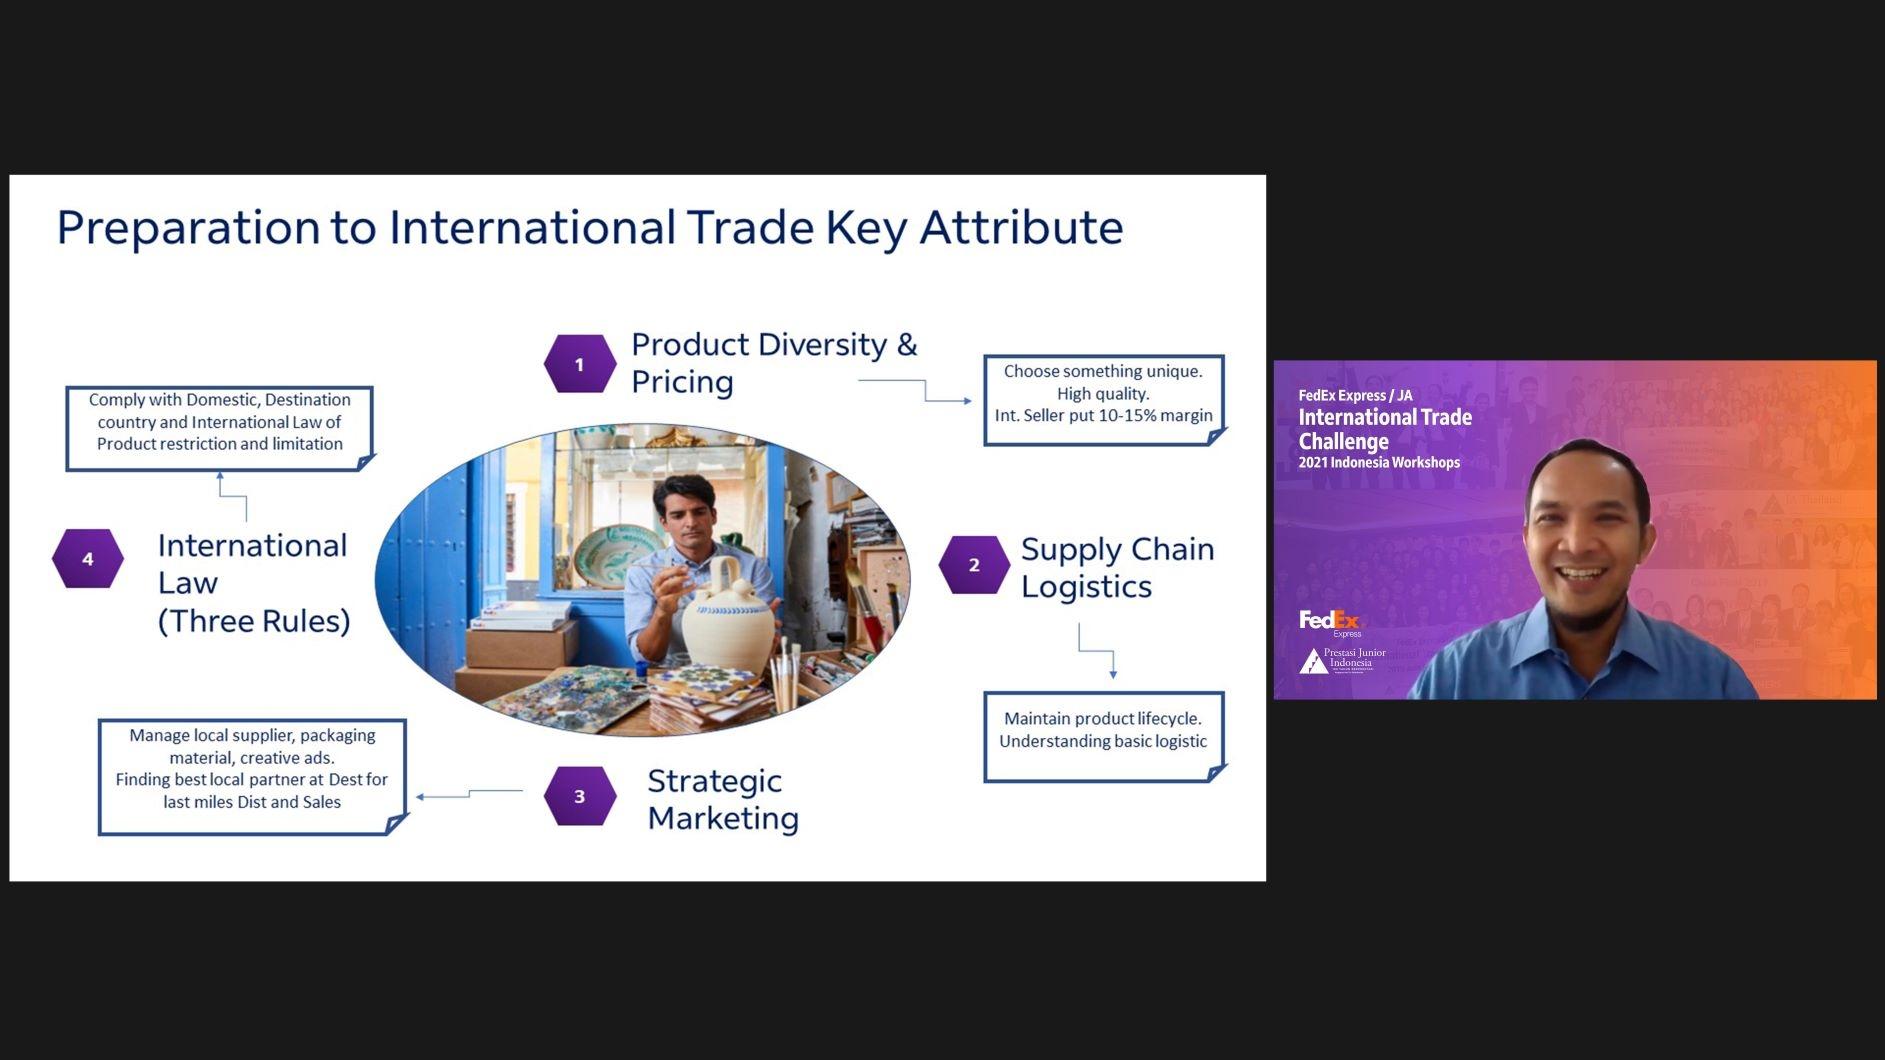 FedEx Express dan Prestasi Junior Dukung Semangat Wirausaha Para Pelajar di Indonesia